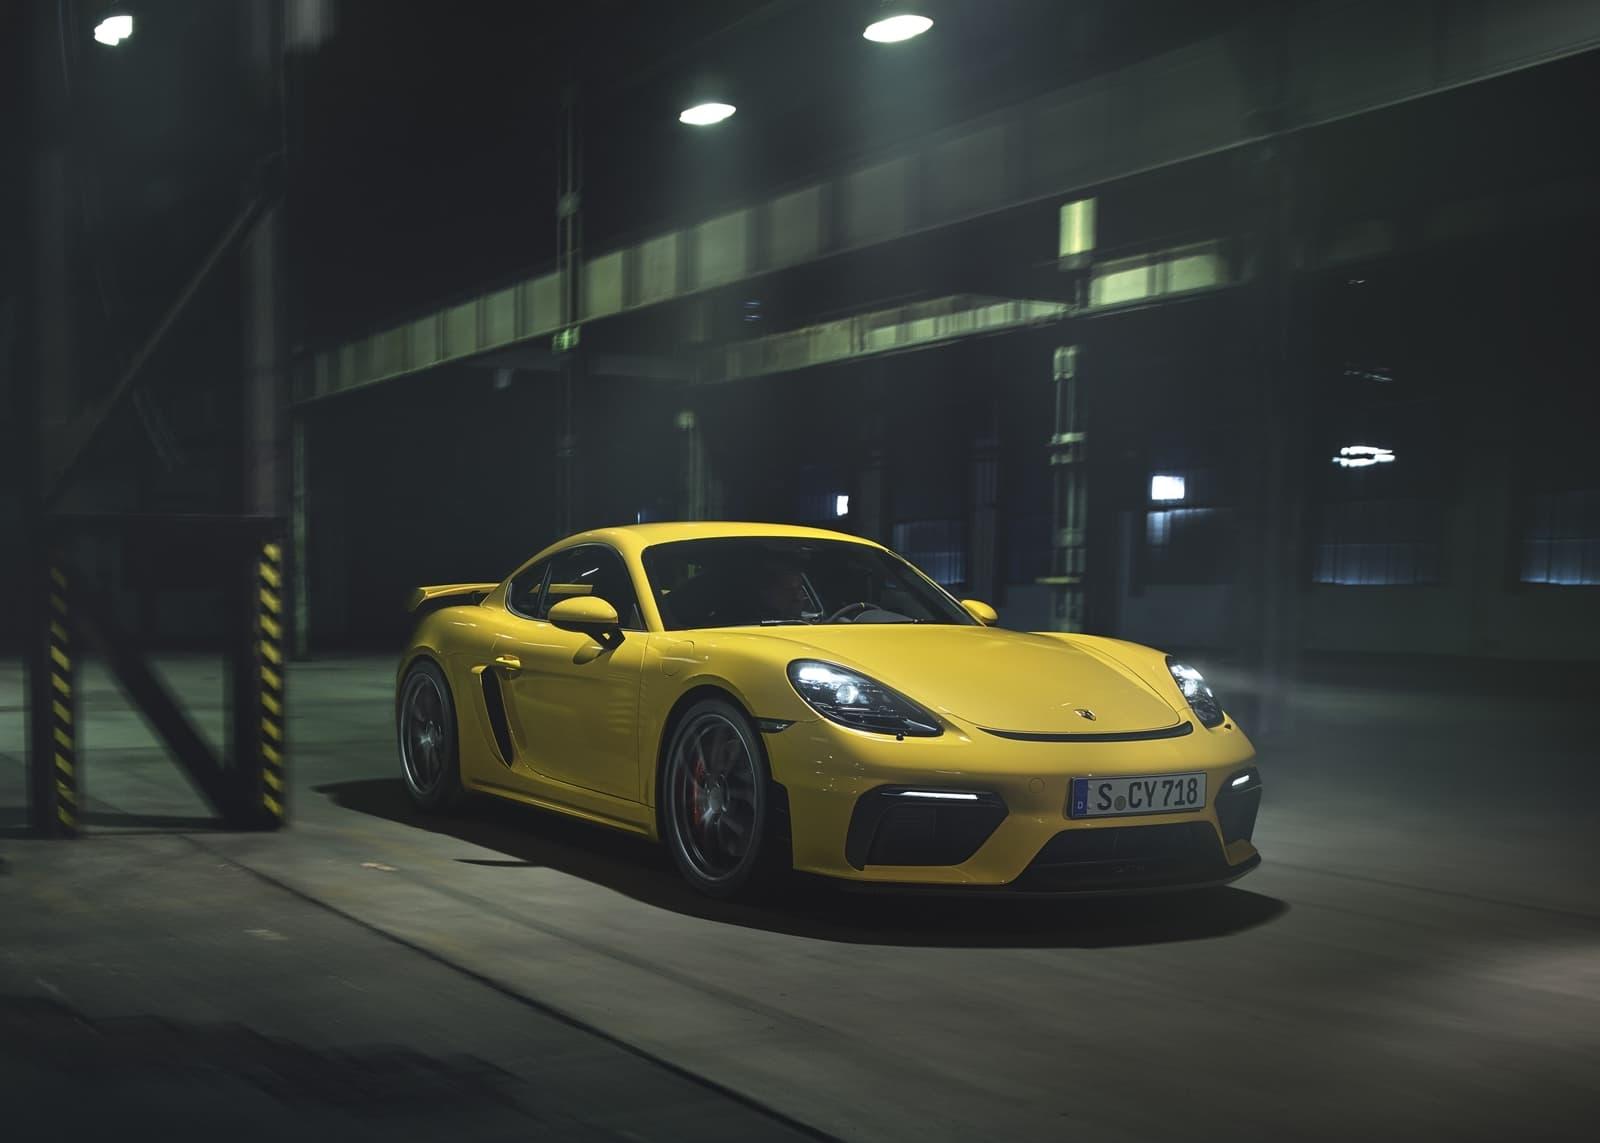 Porsche 718 Cayman Gt4 2019 0619 010